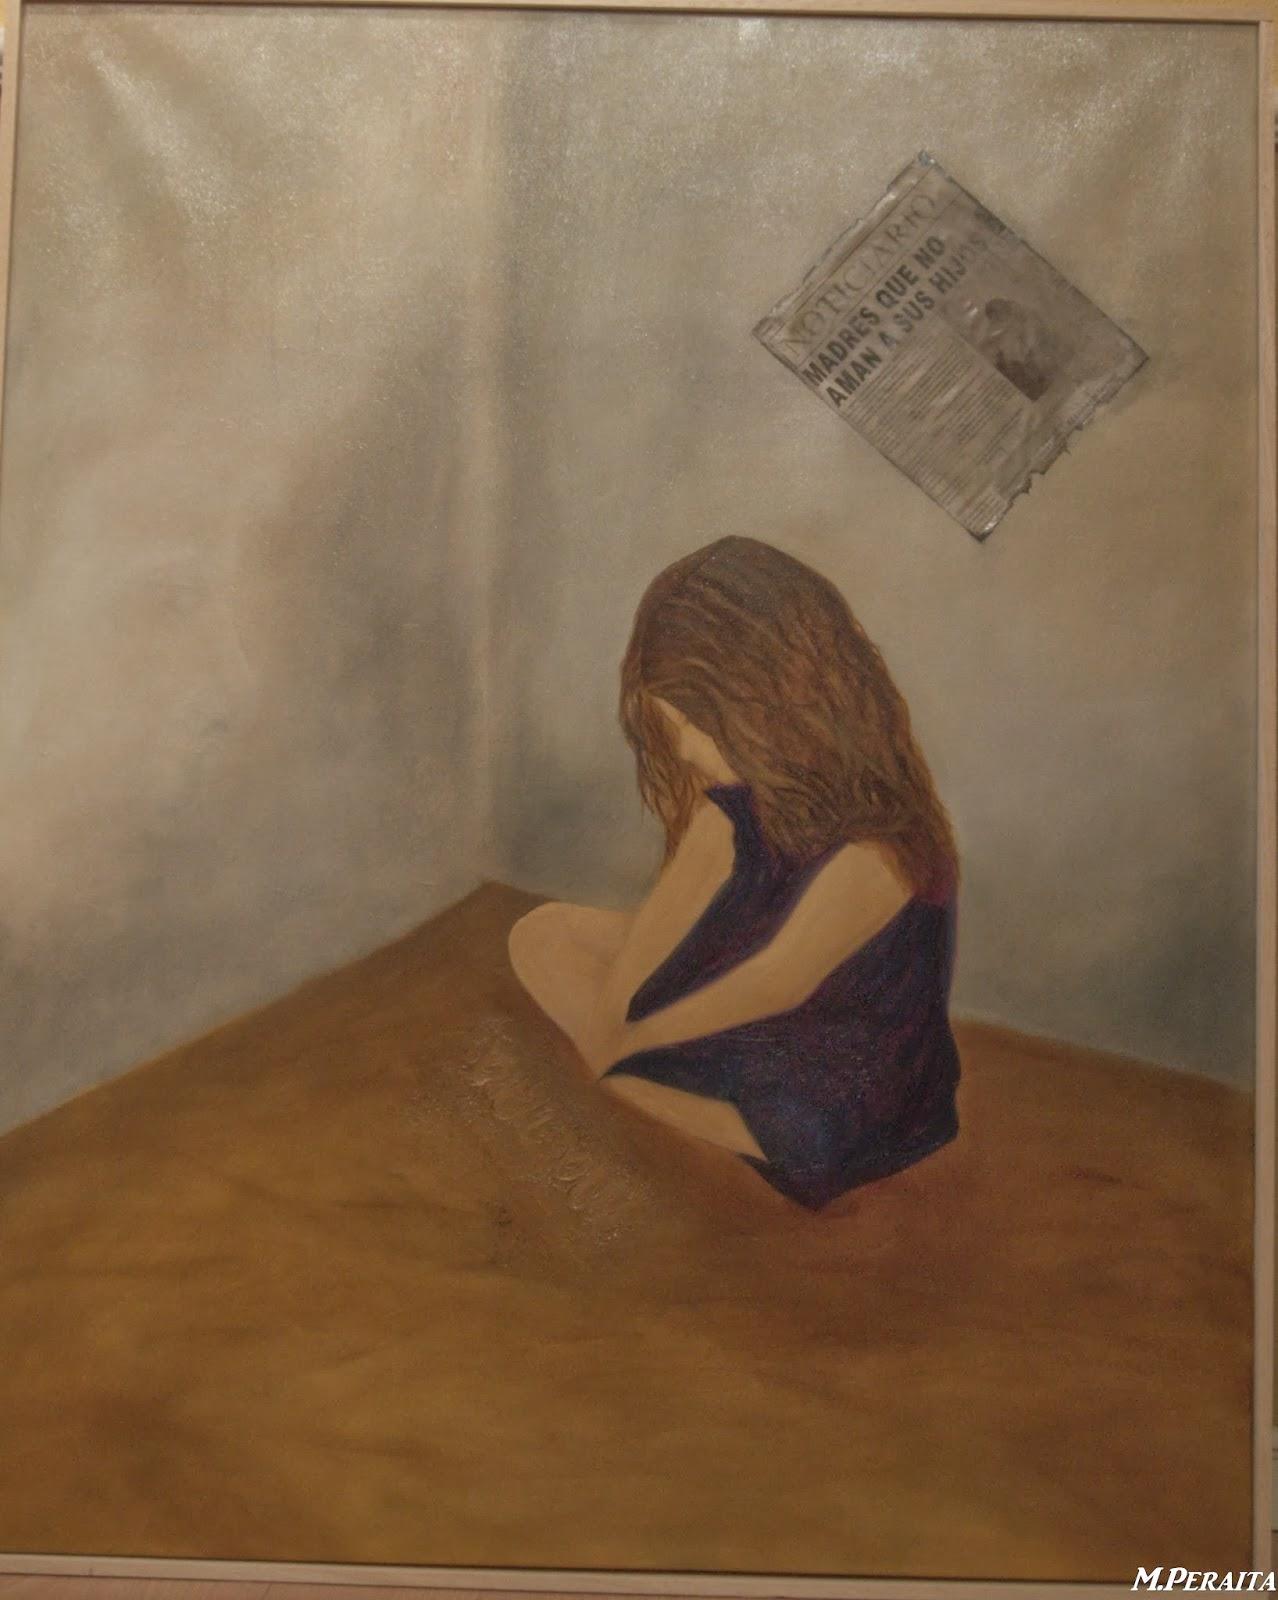 Abandono Emocional o el Abandono Emocional de